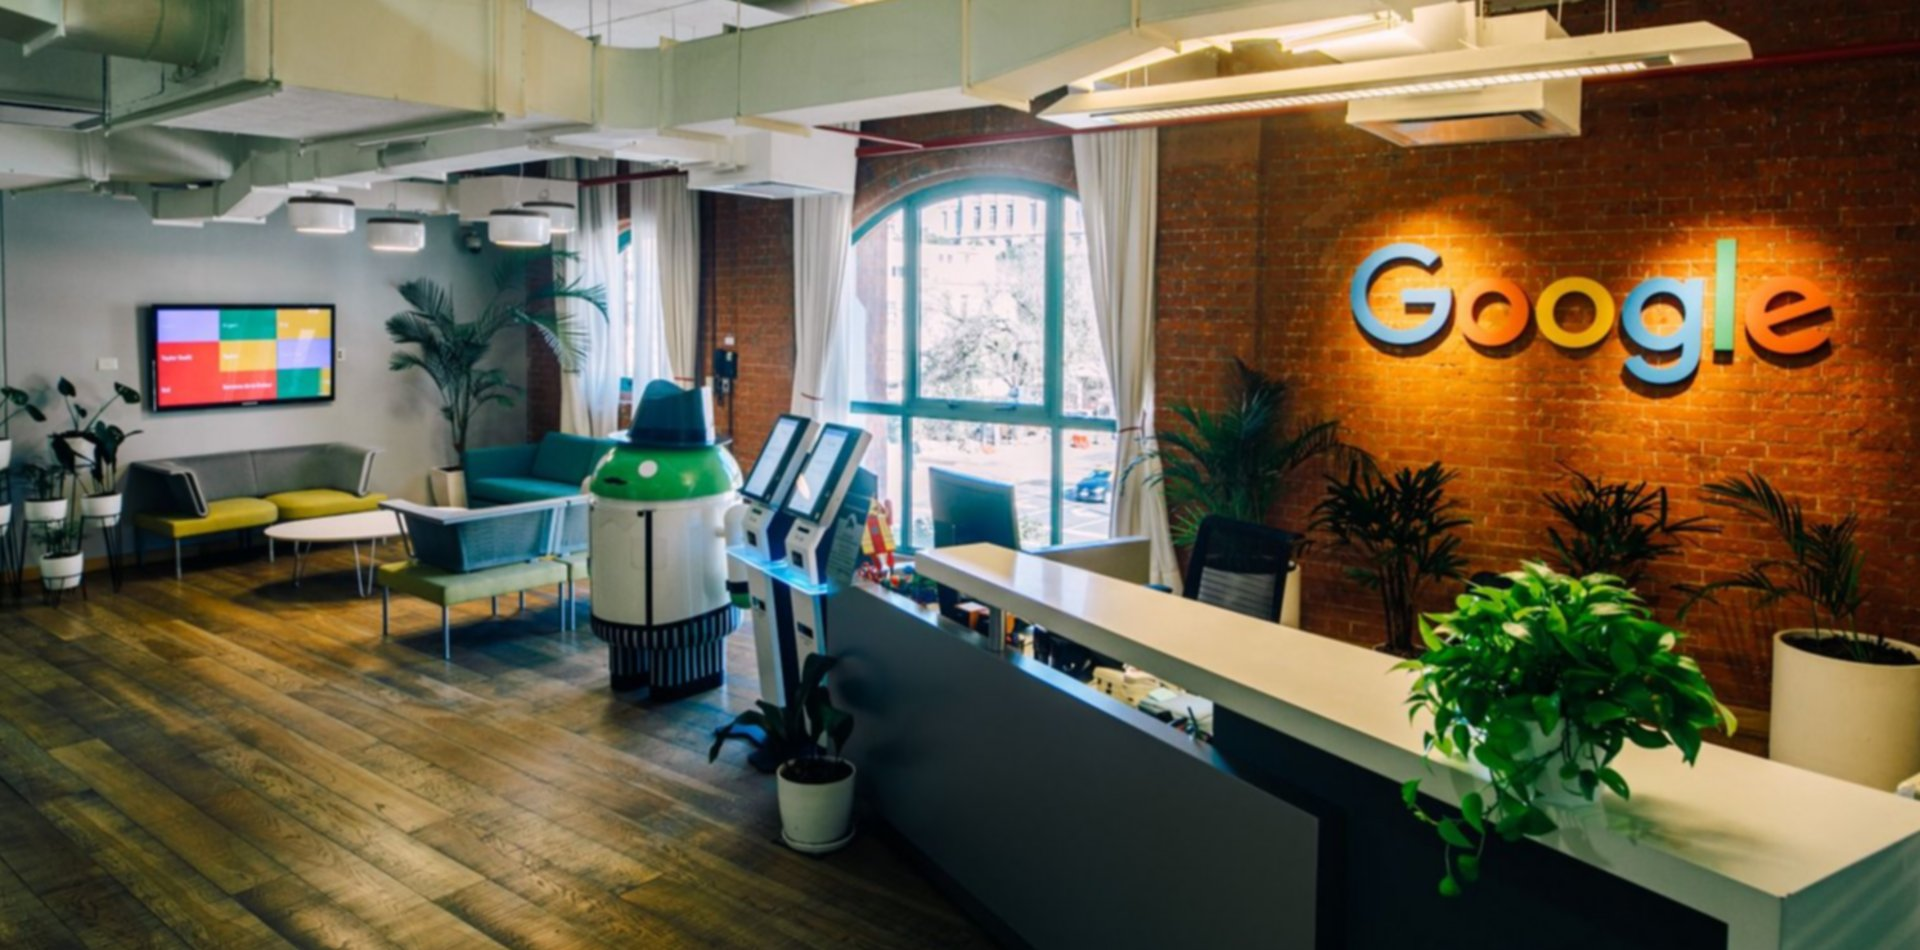 Google lanzó un programa de pasantías para estudiantes universitarios de Argentina